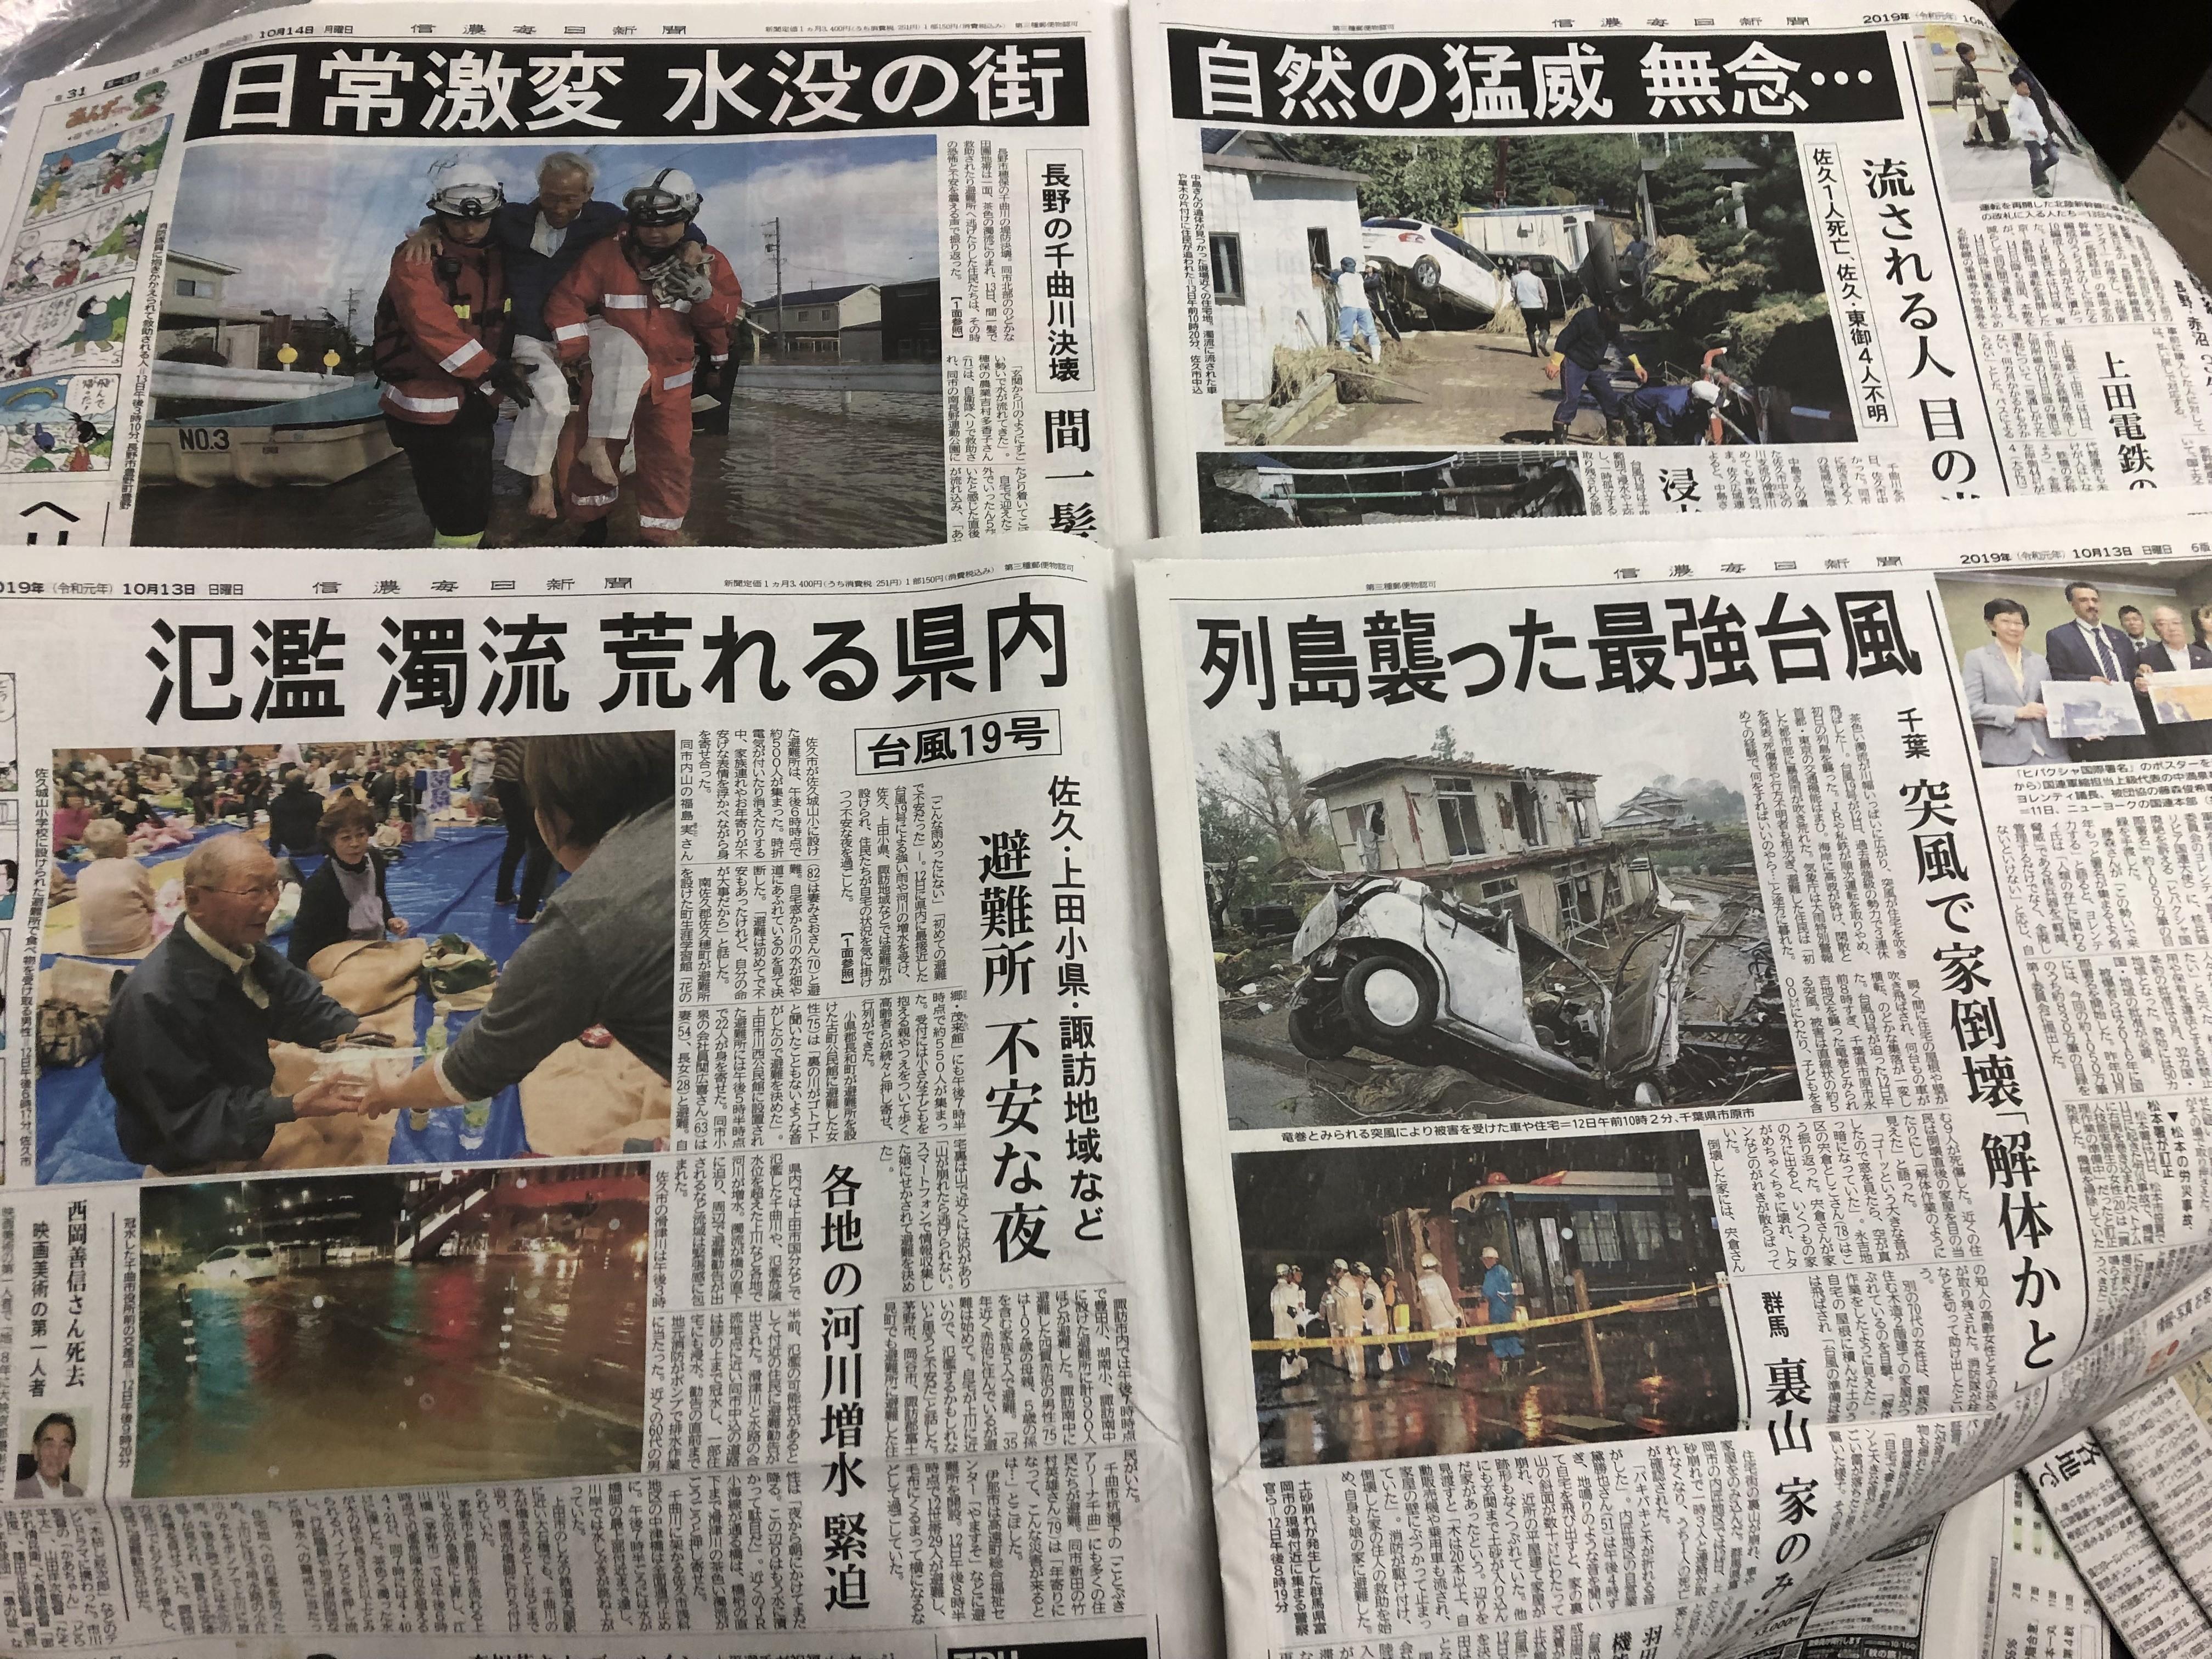 台風19号の被害状況をお知らせします(当社およびFC店)